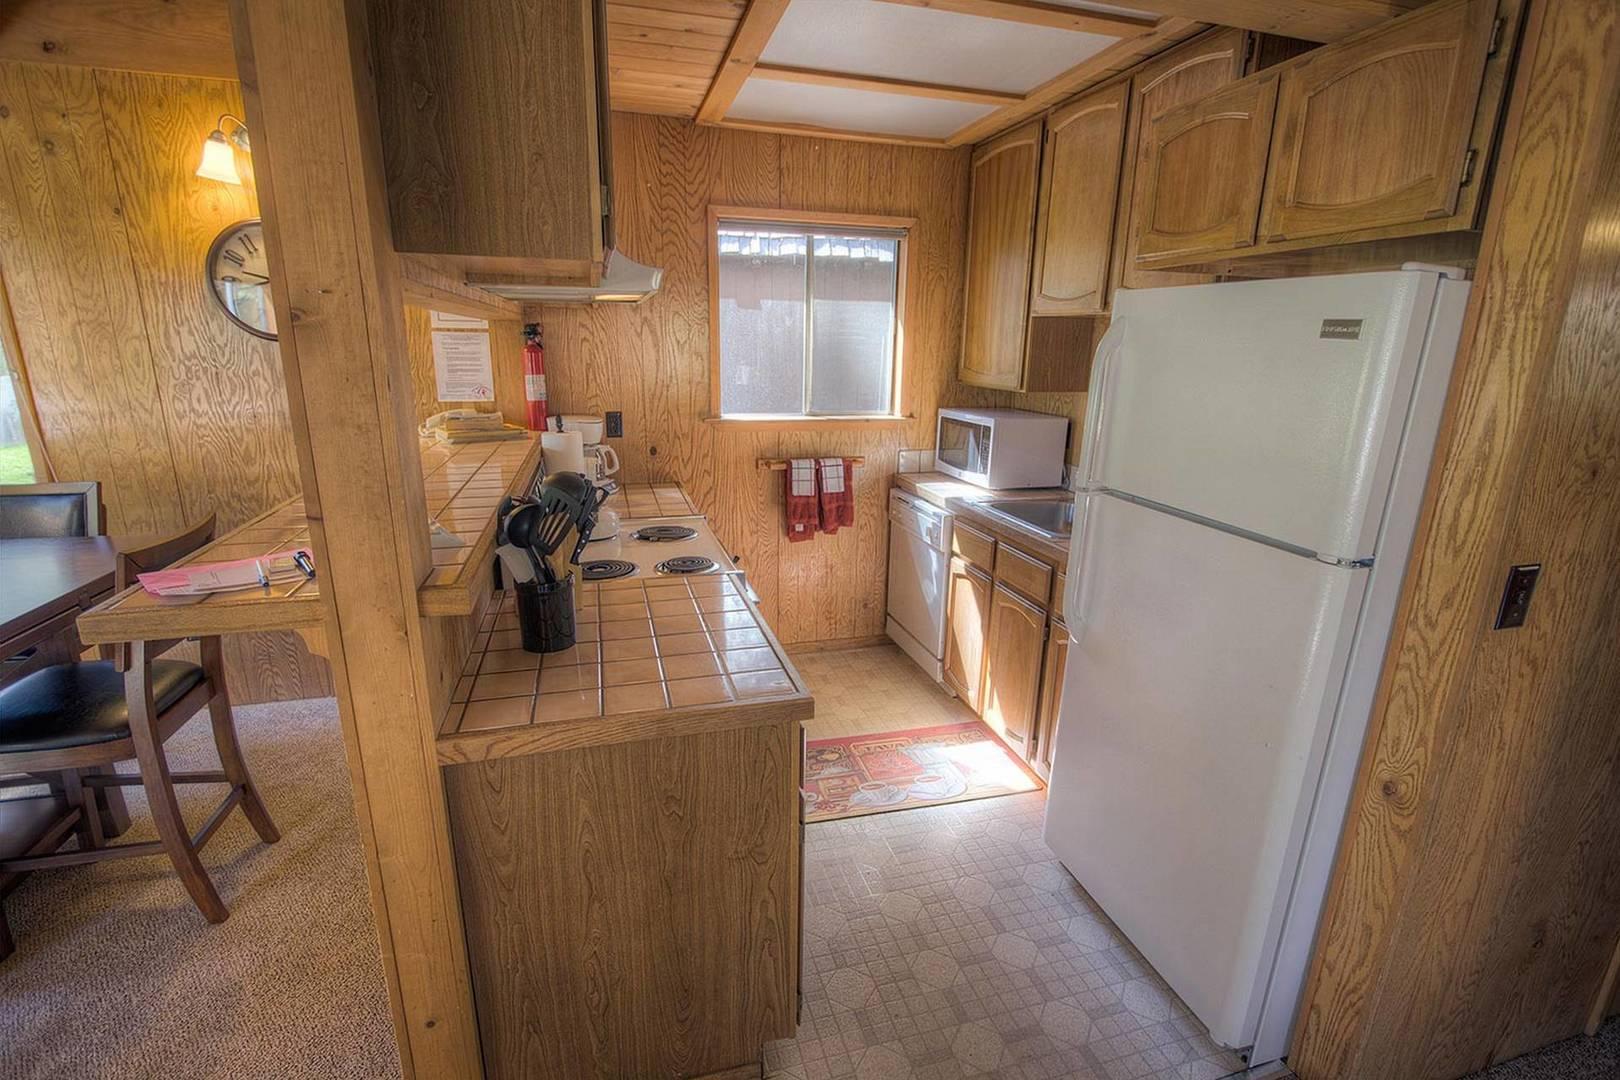 cyh0820 kitchen